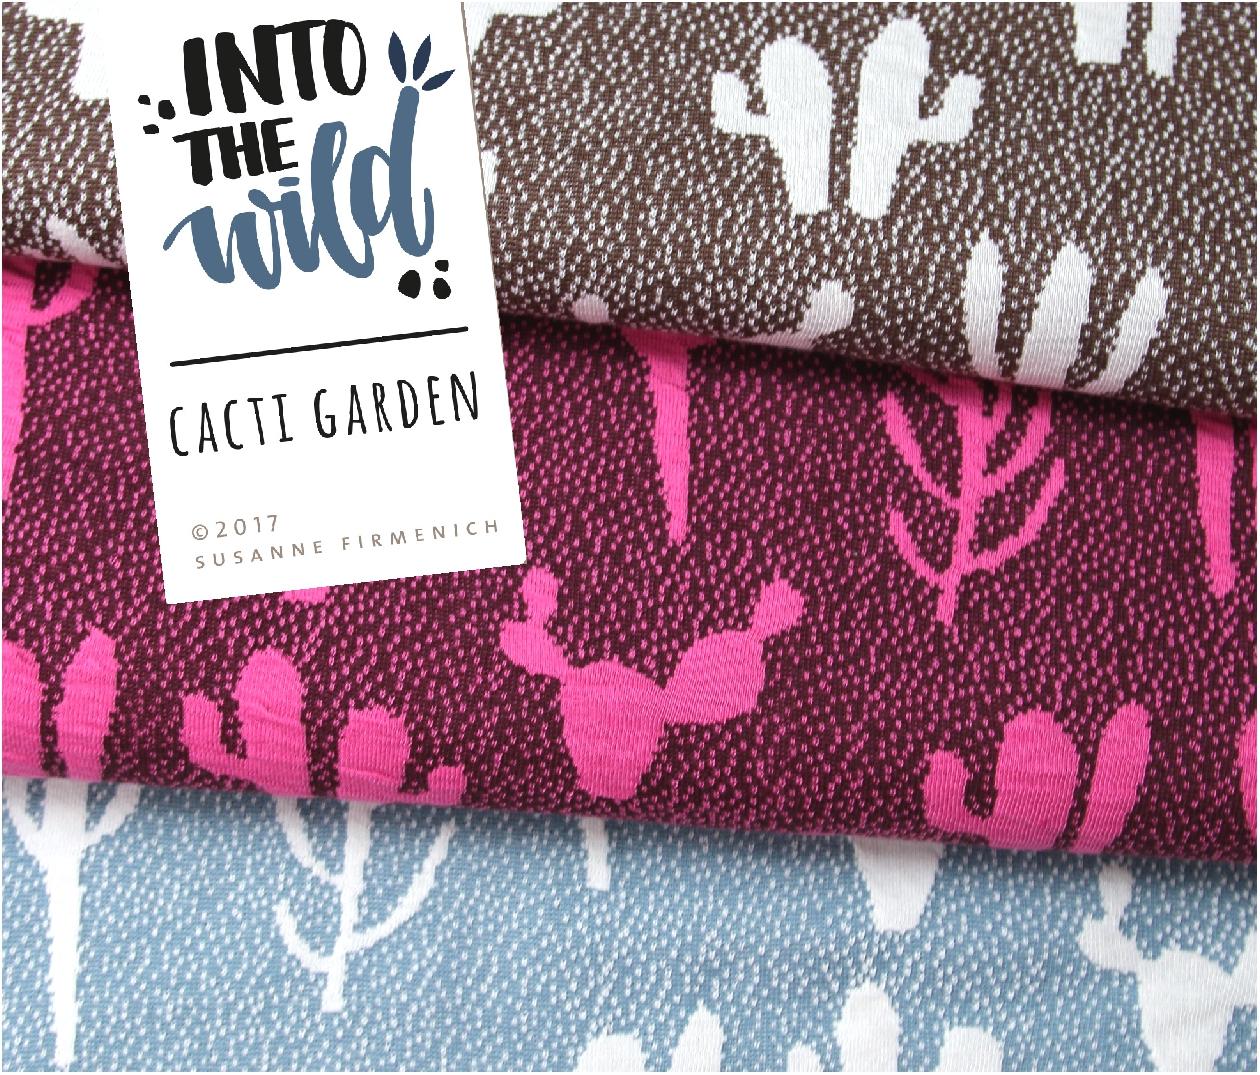 Alb-Cacti-Garden